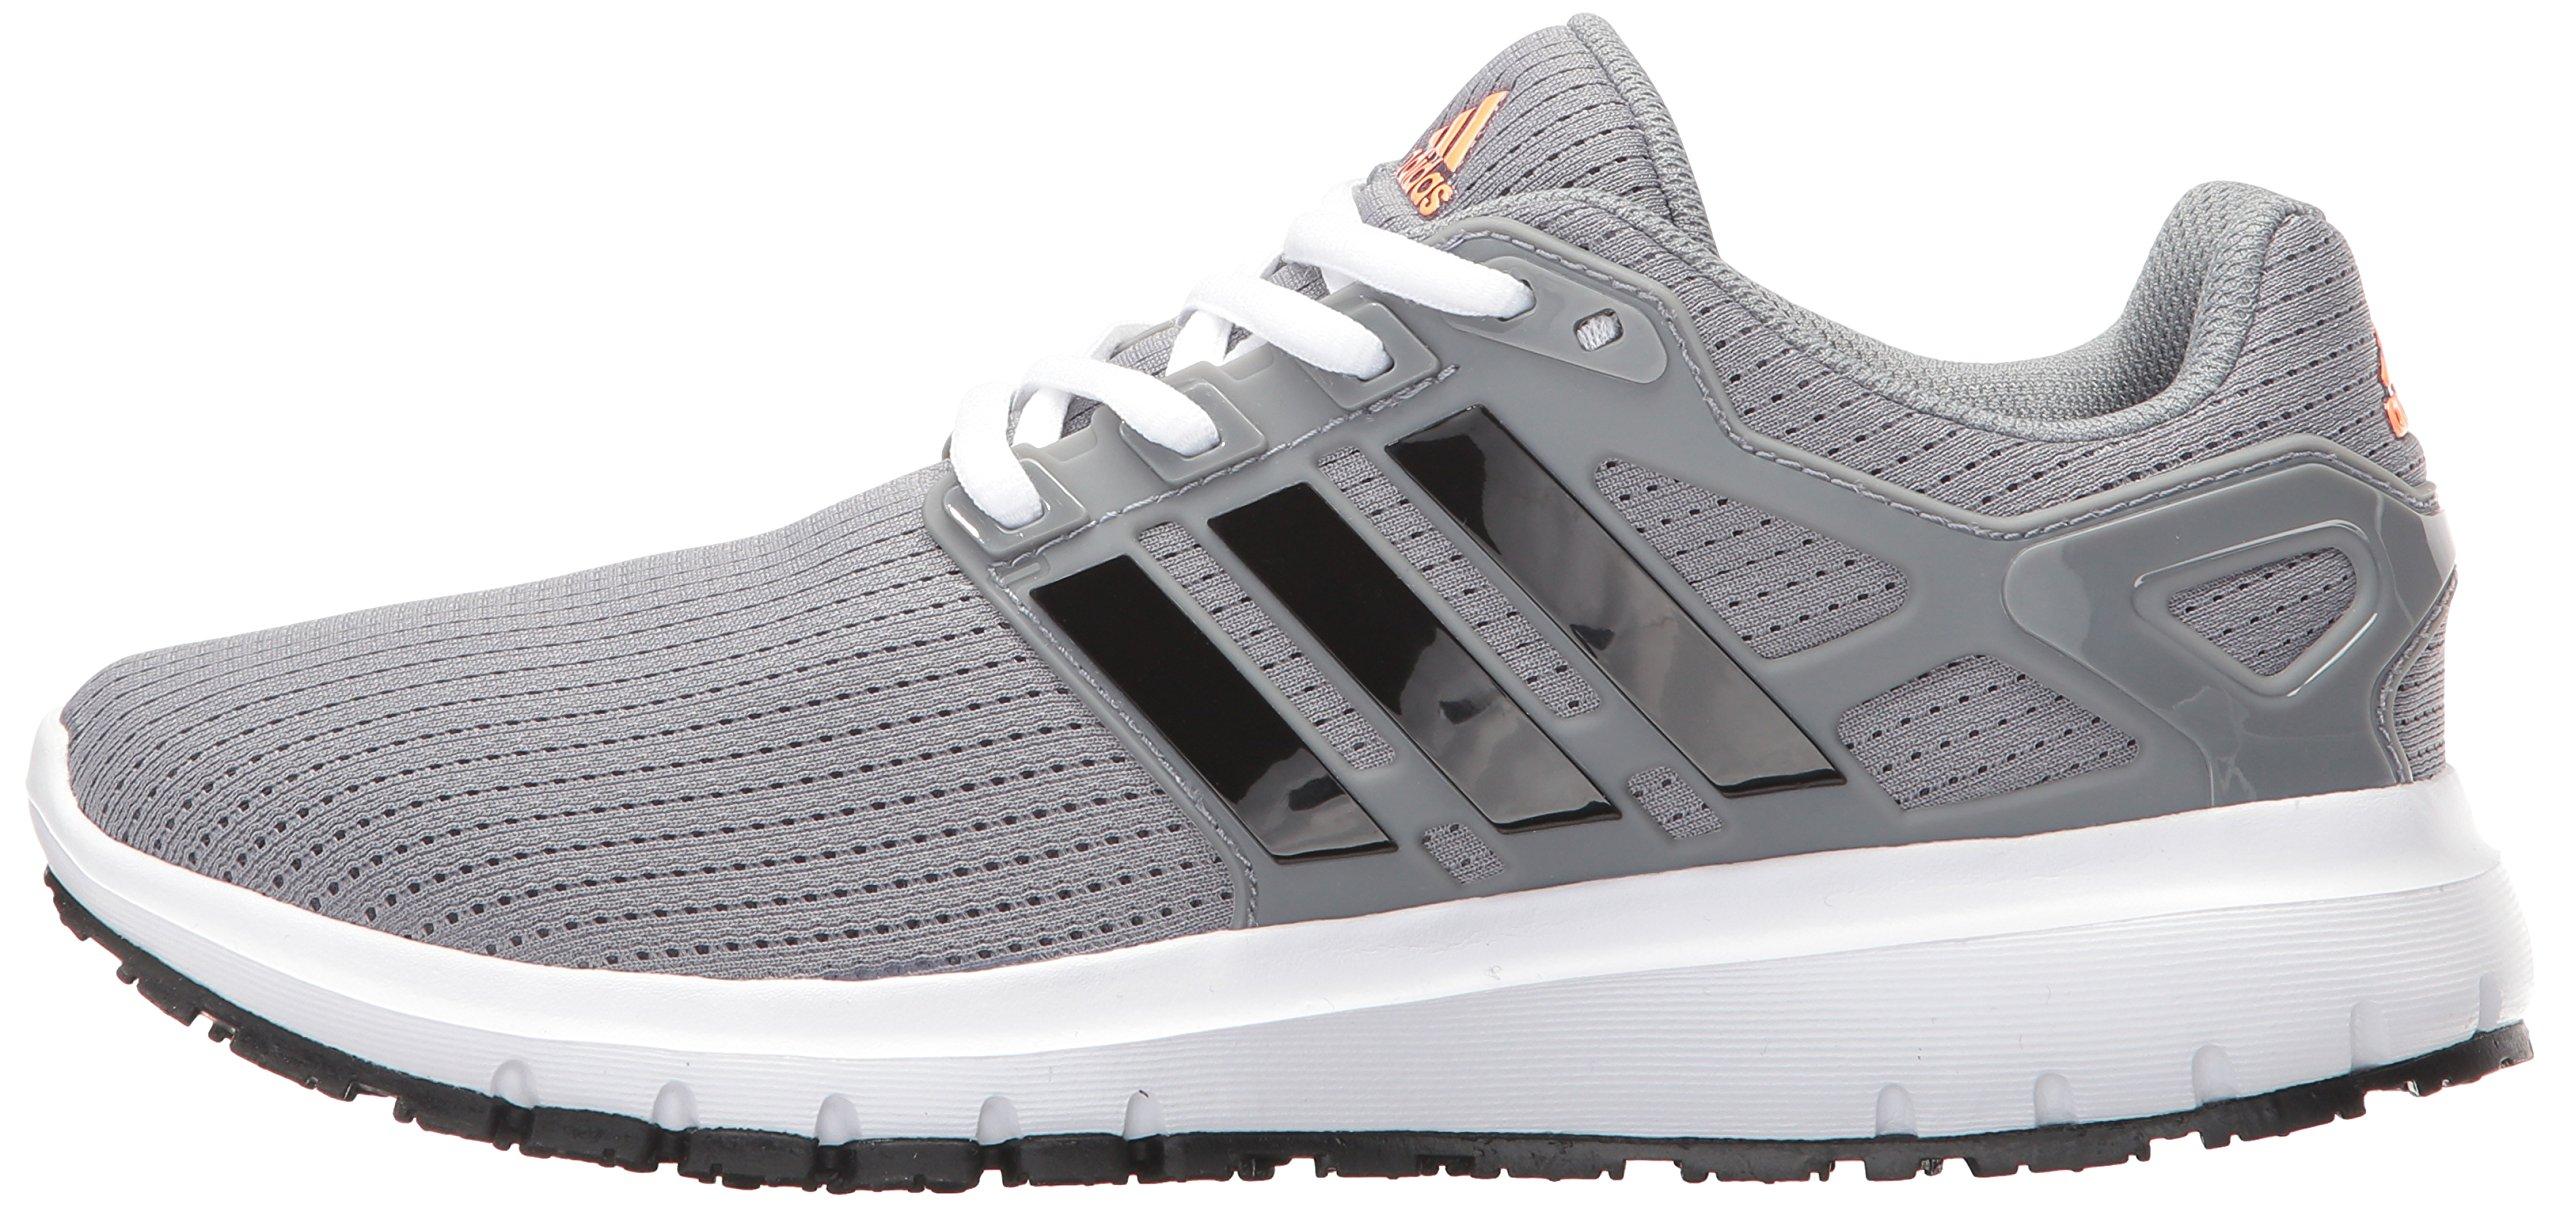 Adidas Originali Delle Nuvola Scarpa Di Energia Wtc W Scarpa Nuvola Da Corsa, Grigio / Nero e60f14